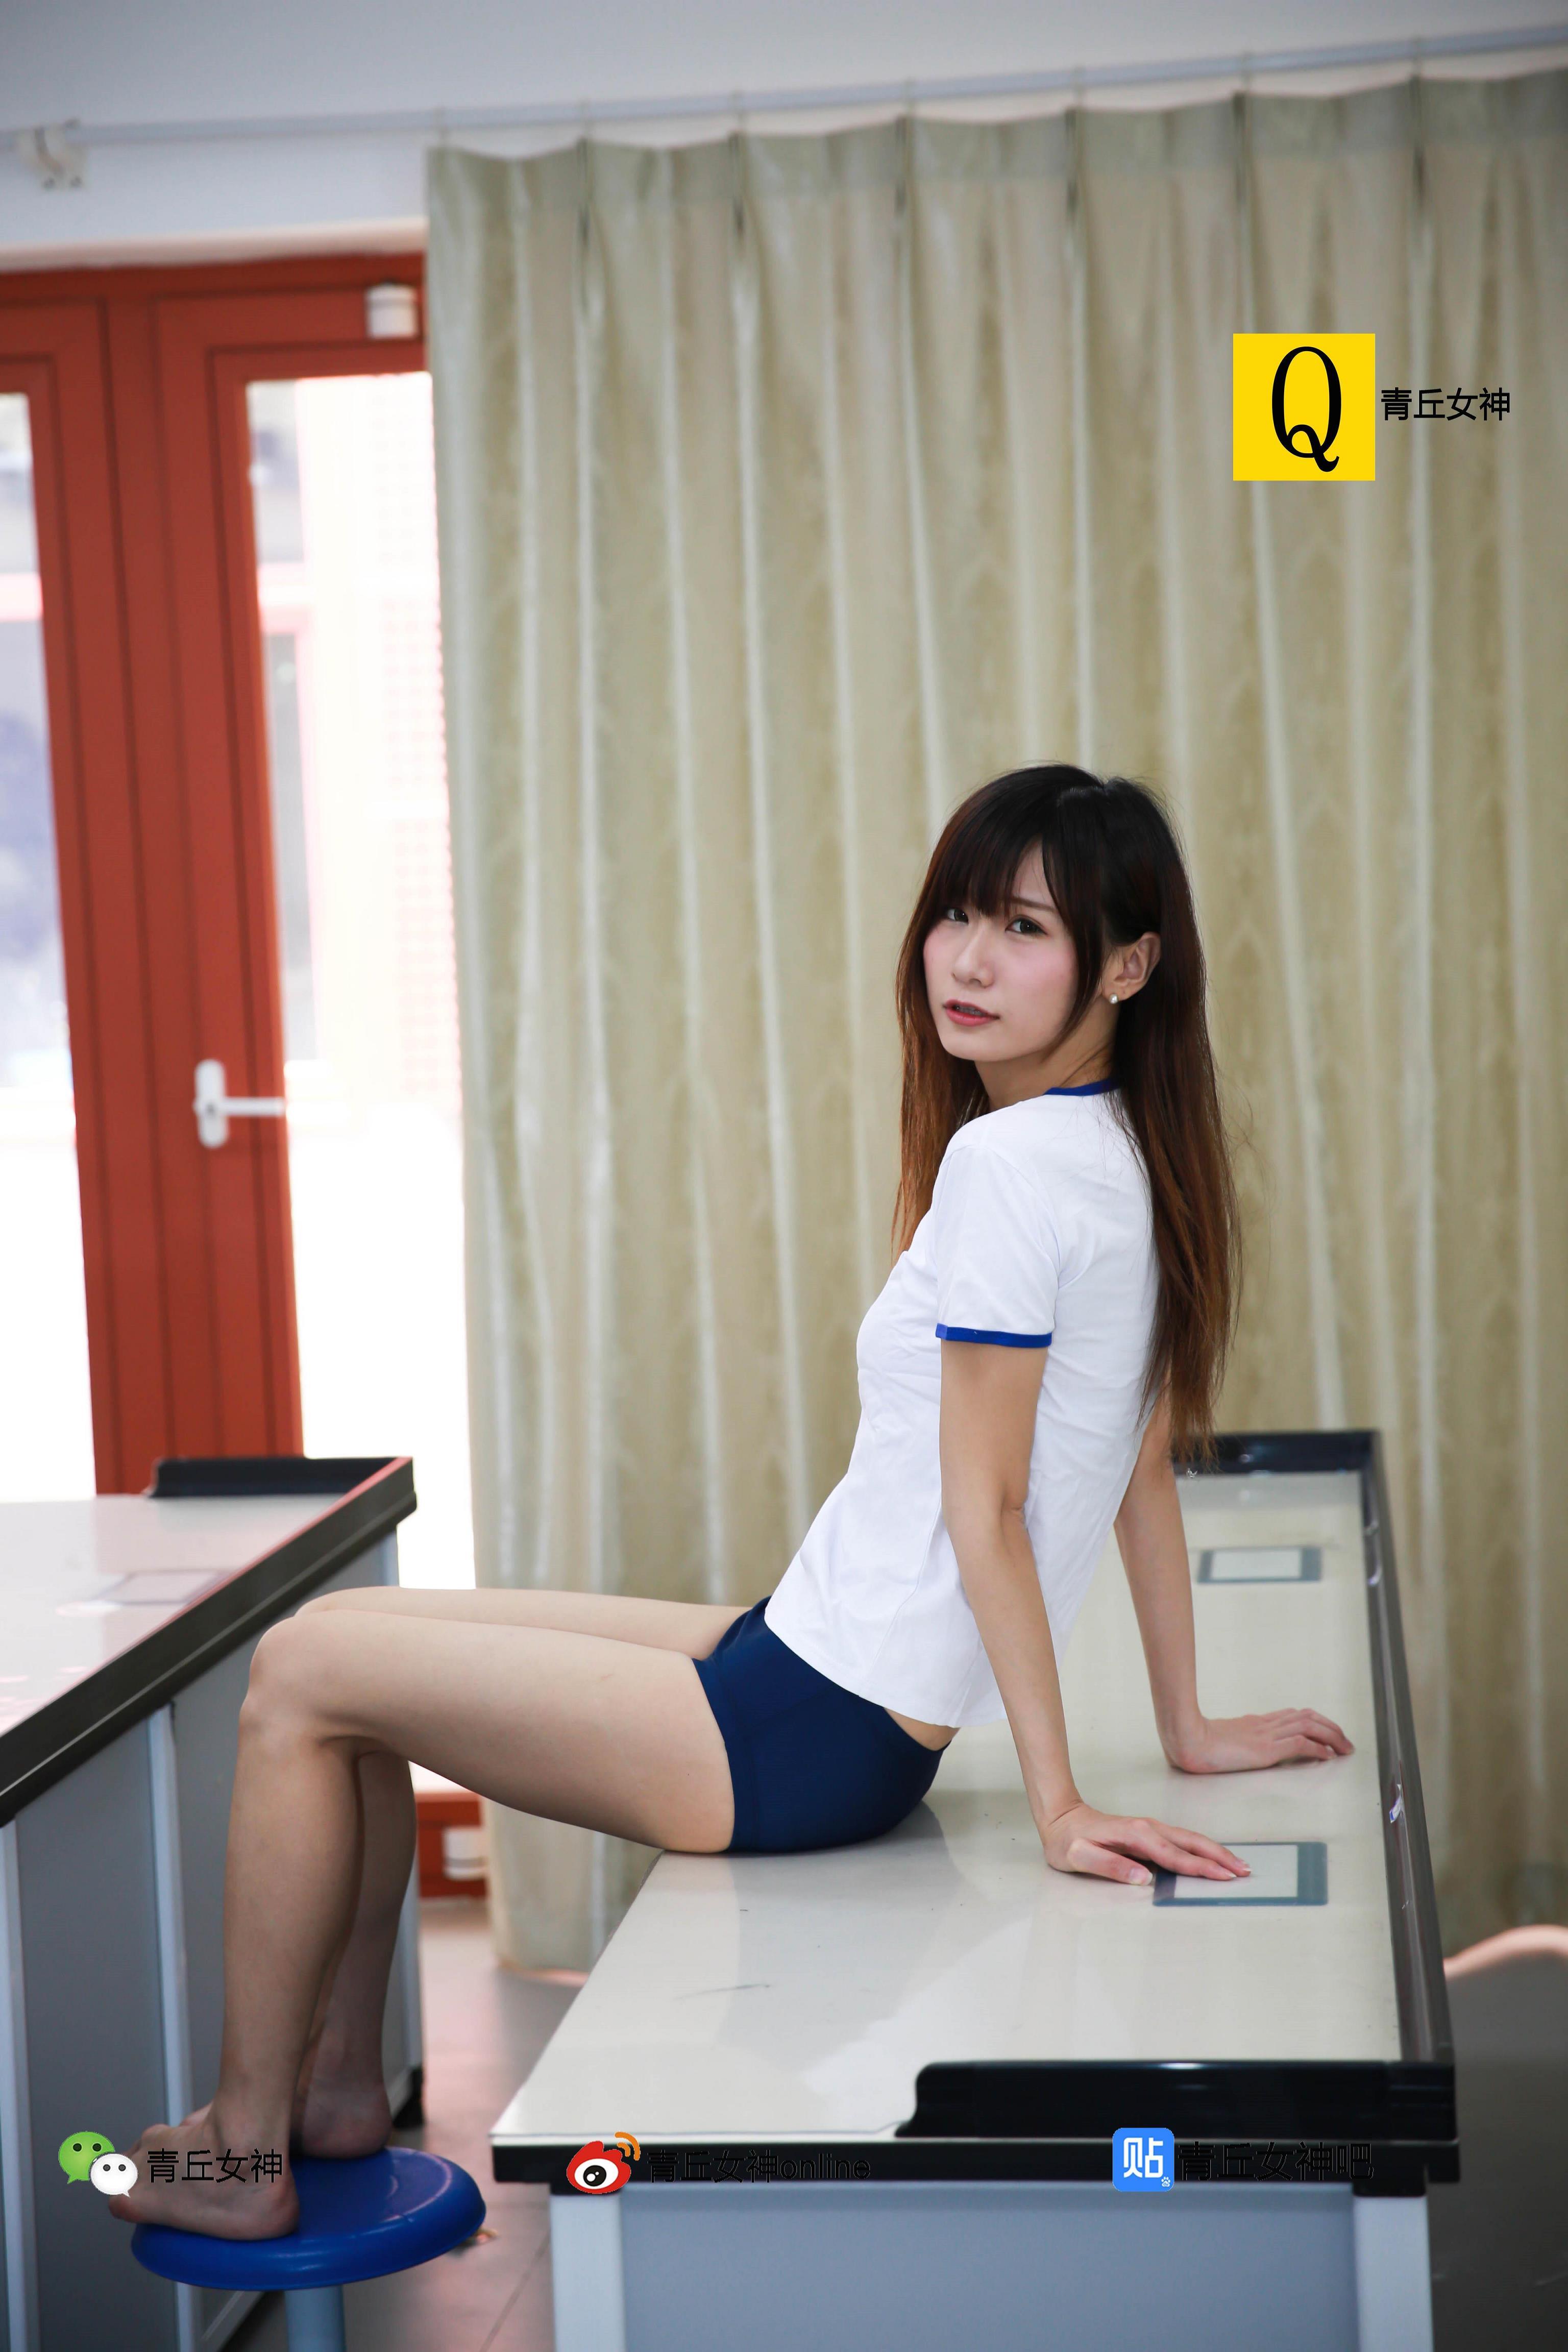 [青丘女神]2017-06-11 教室内清纯高中女生白色短袖加蓝色短裤与学生制服加灰色短裙私房写真集